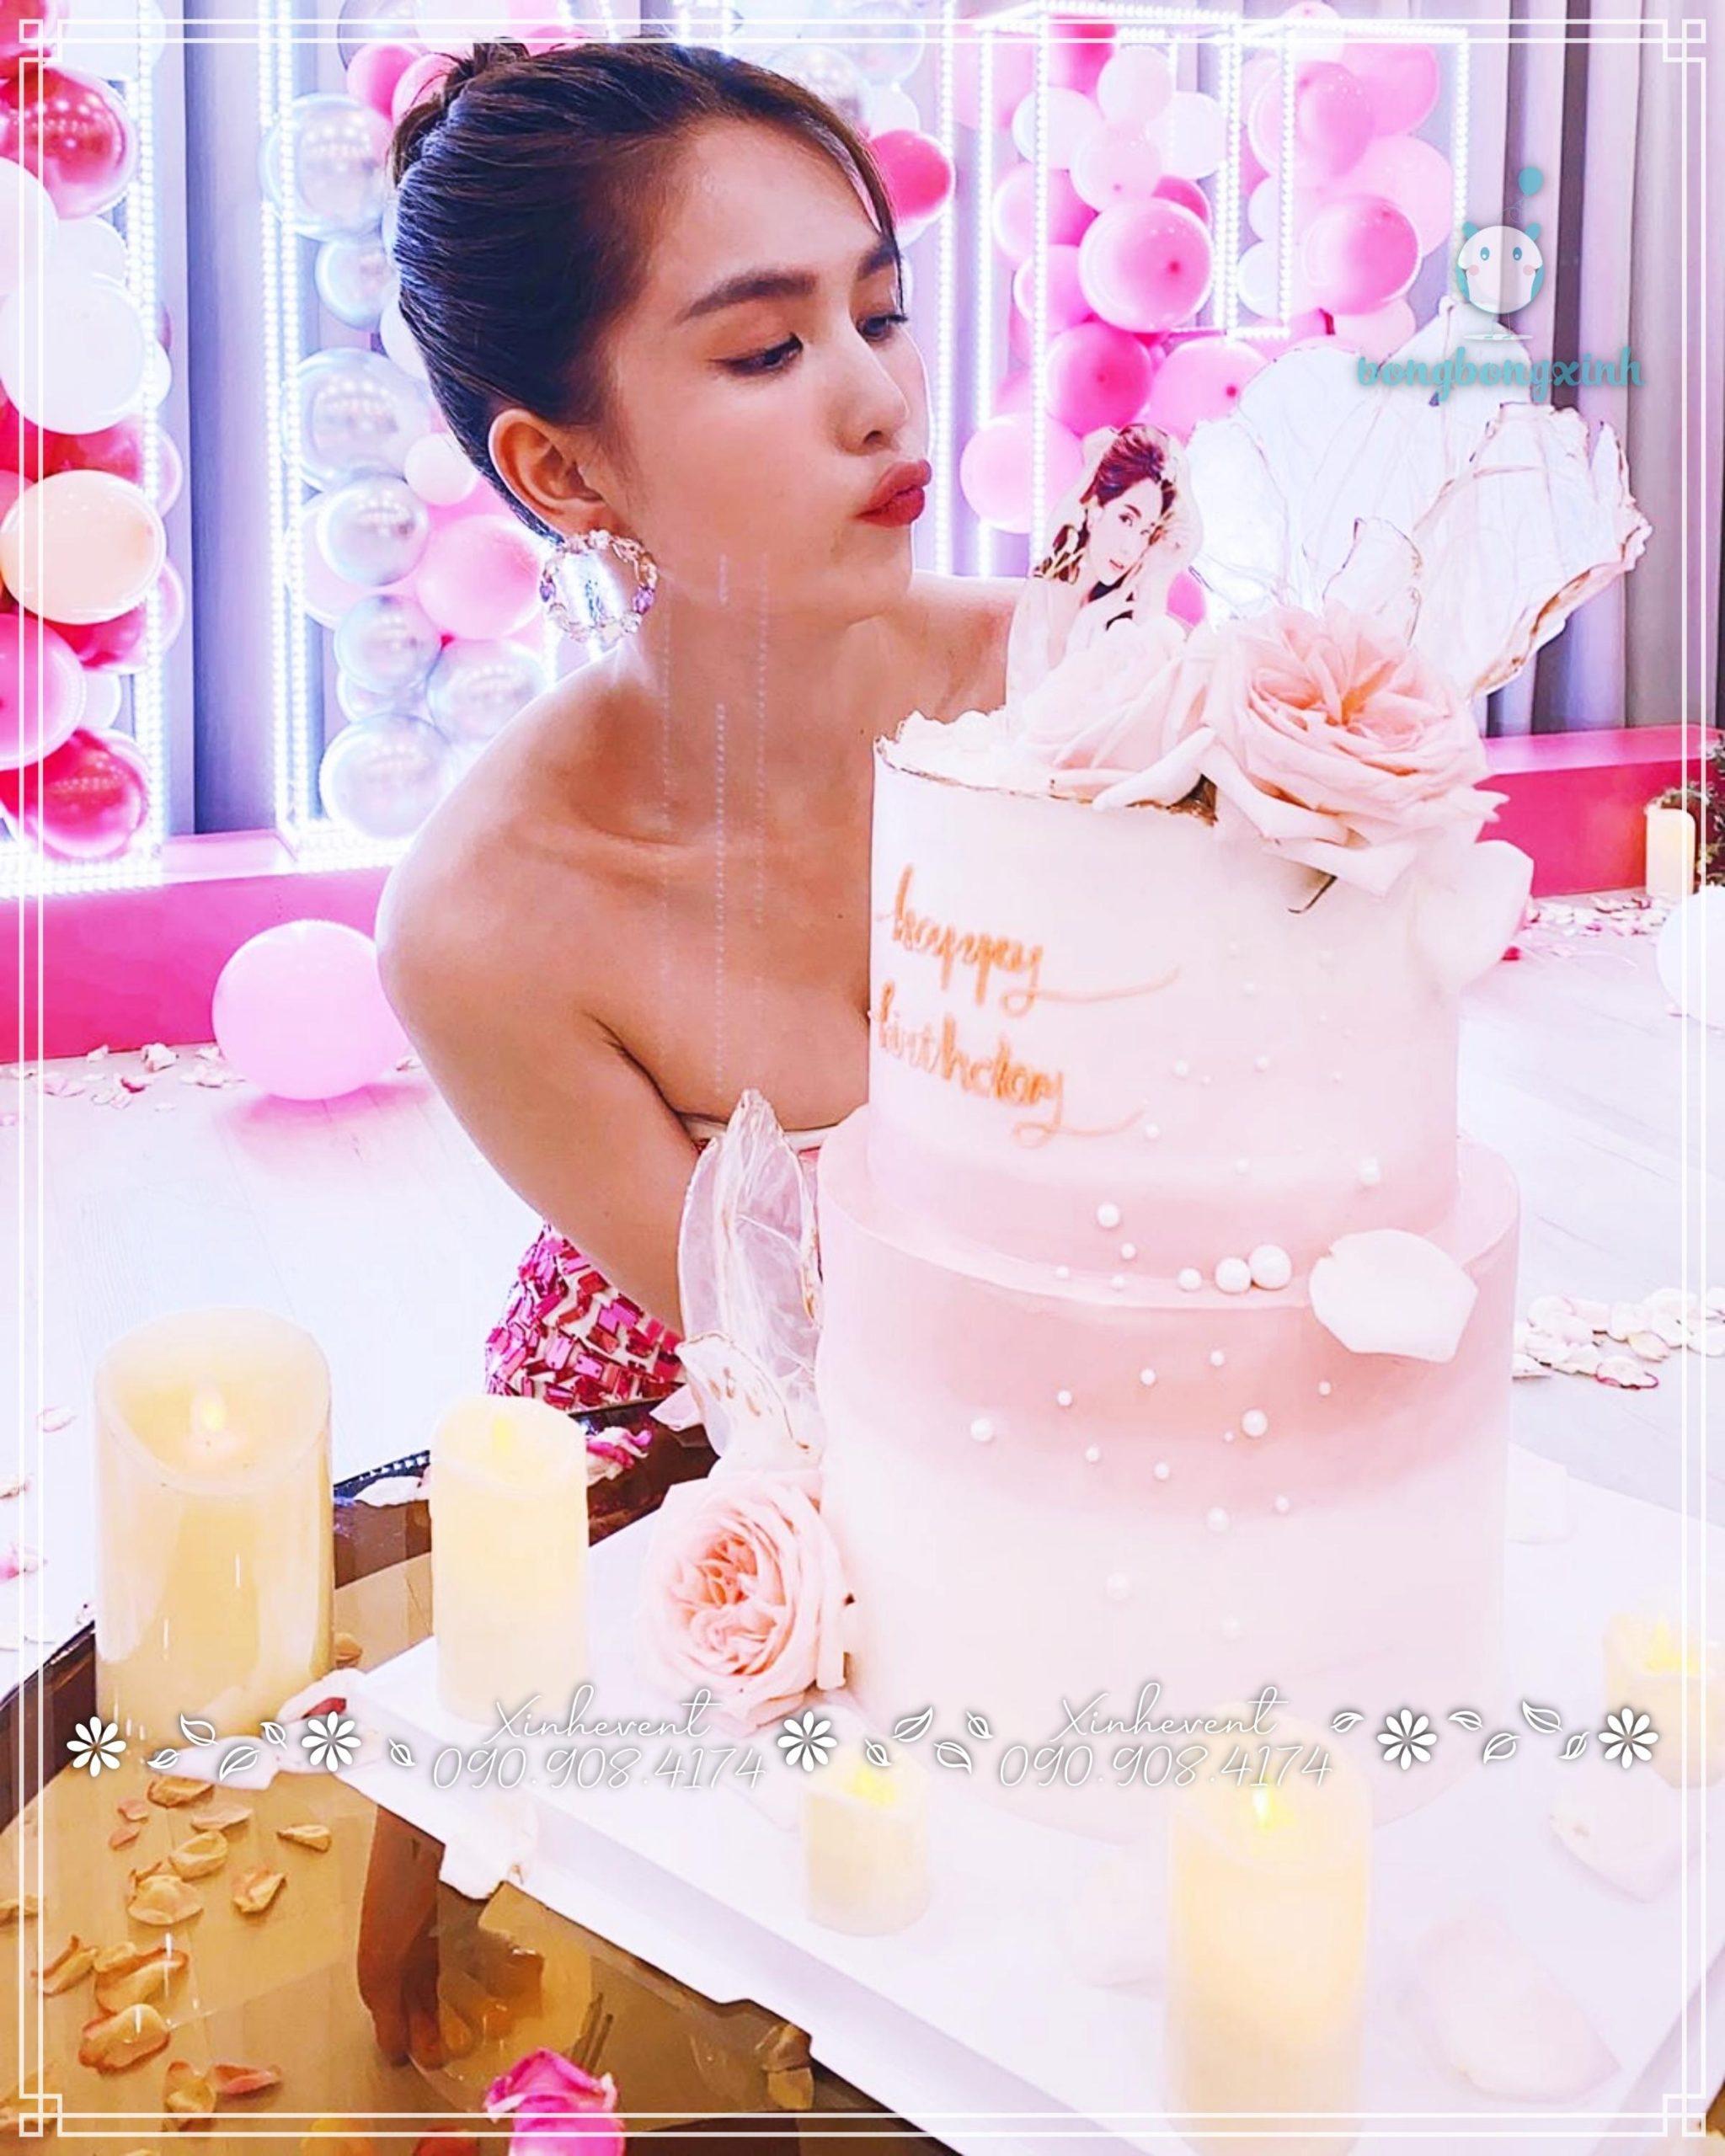 Hình ảnh dễ thương chị Ngọc Trinh bên chiếc bánh kem